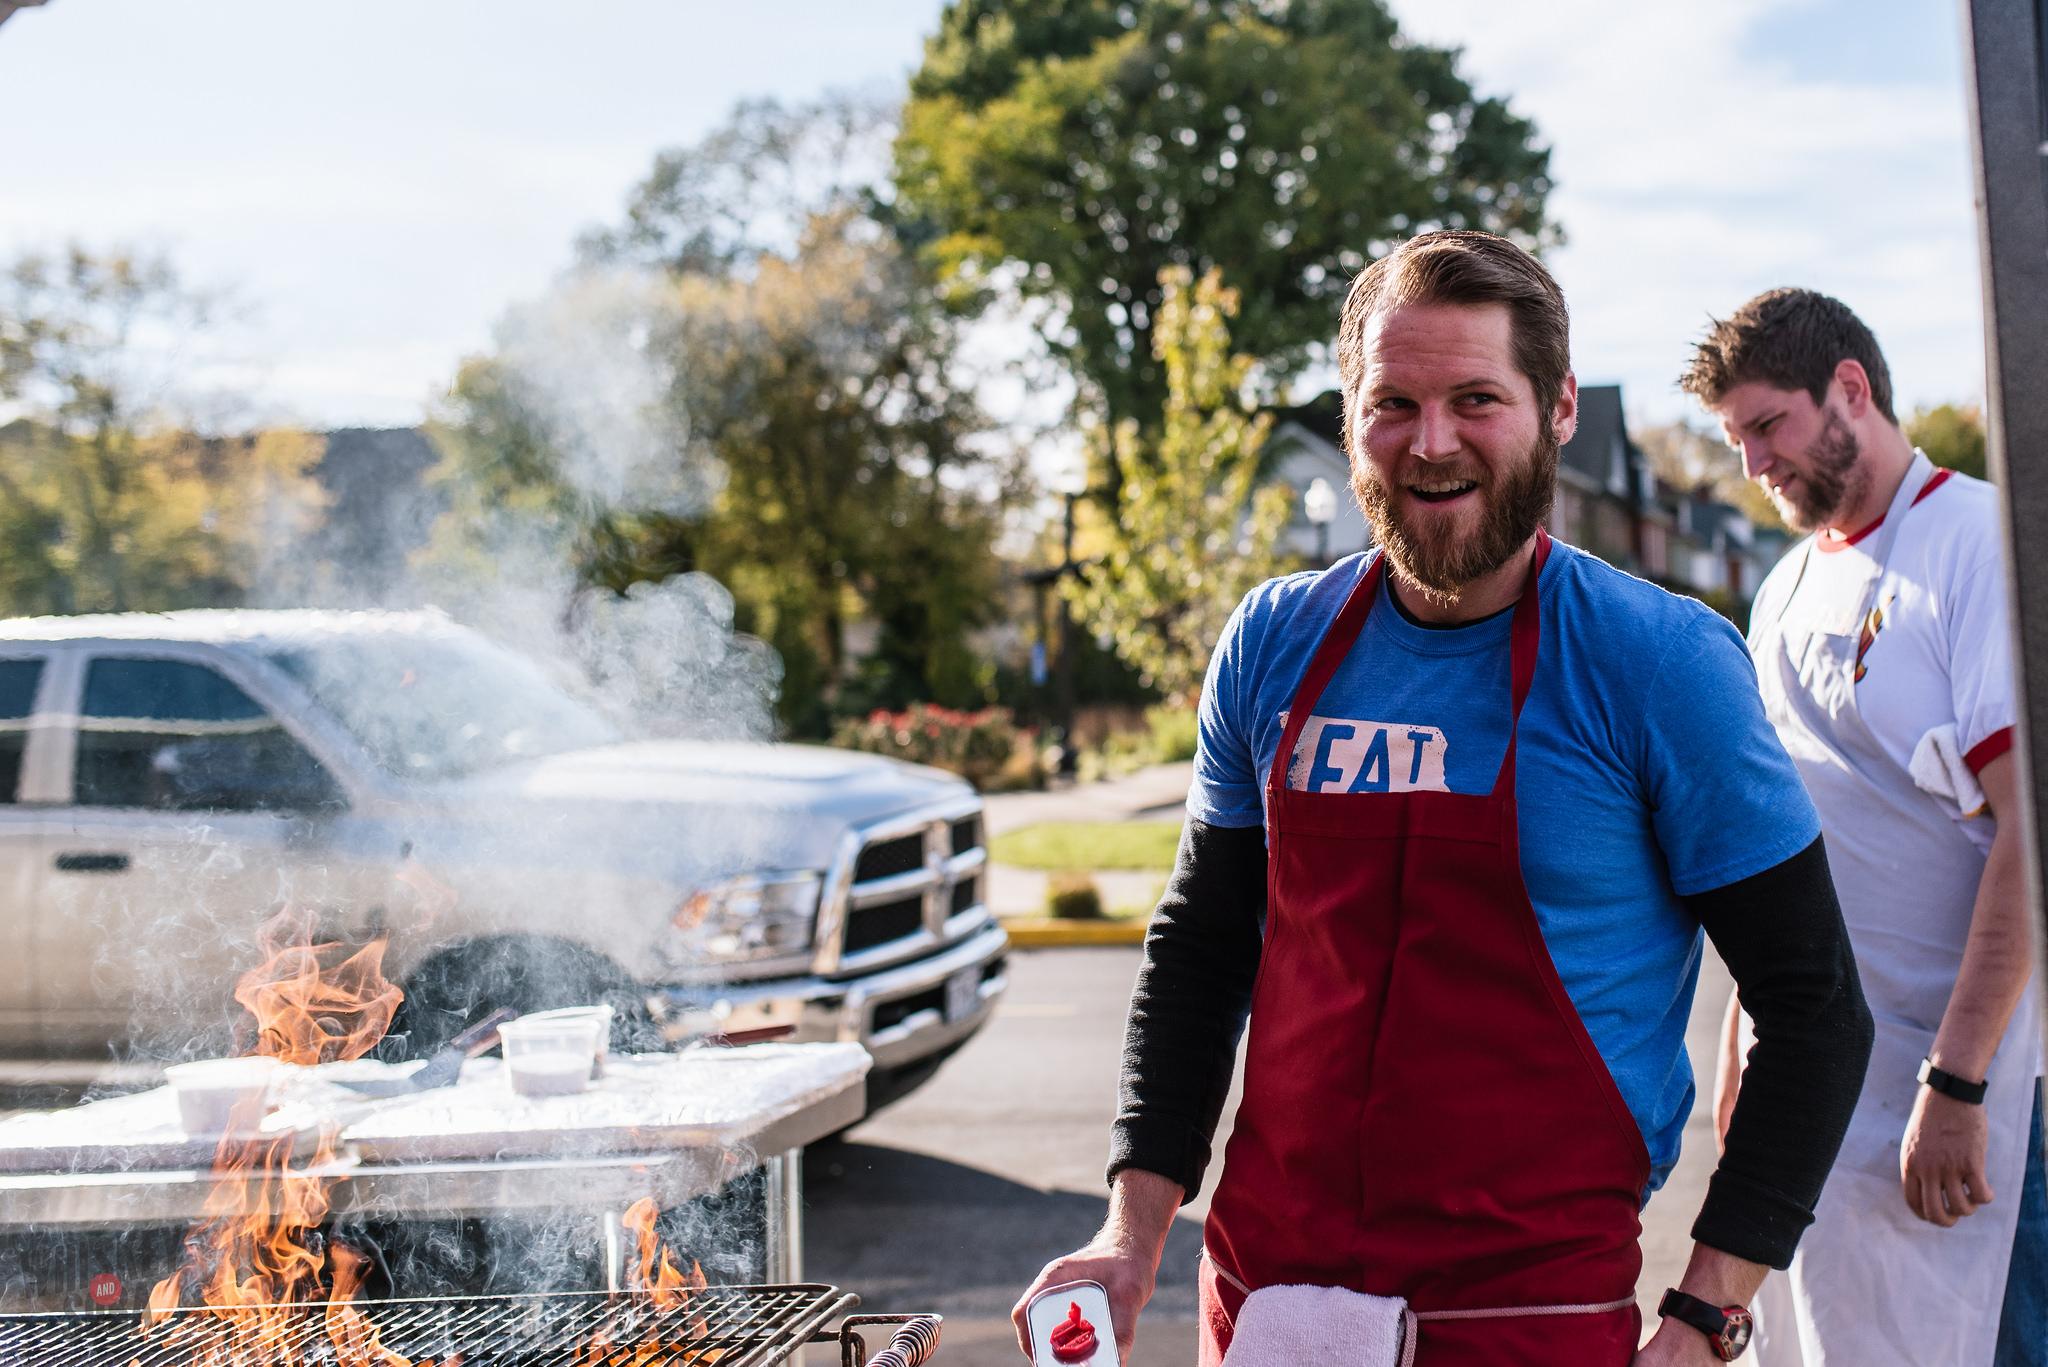 bolyard's burger battle chris fire